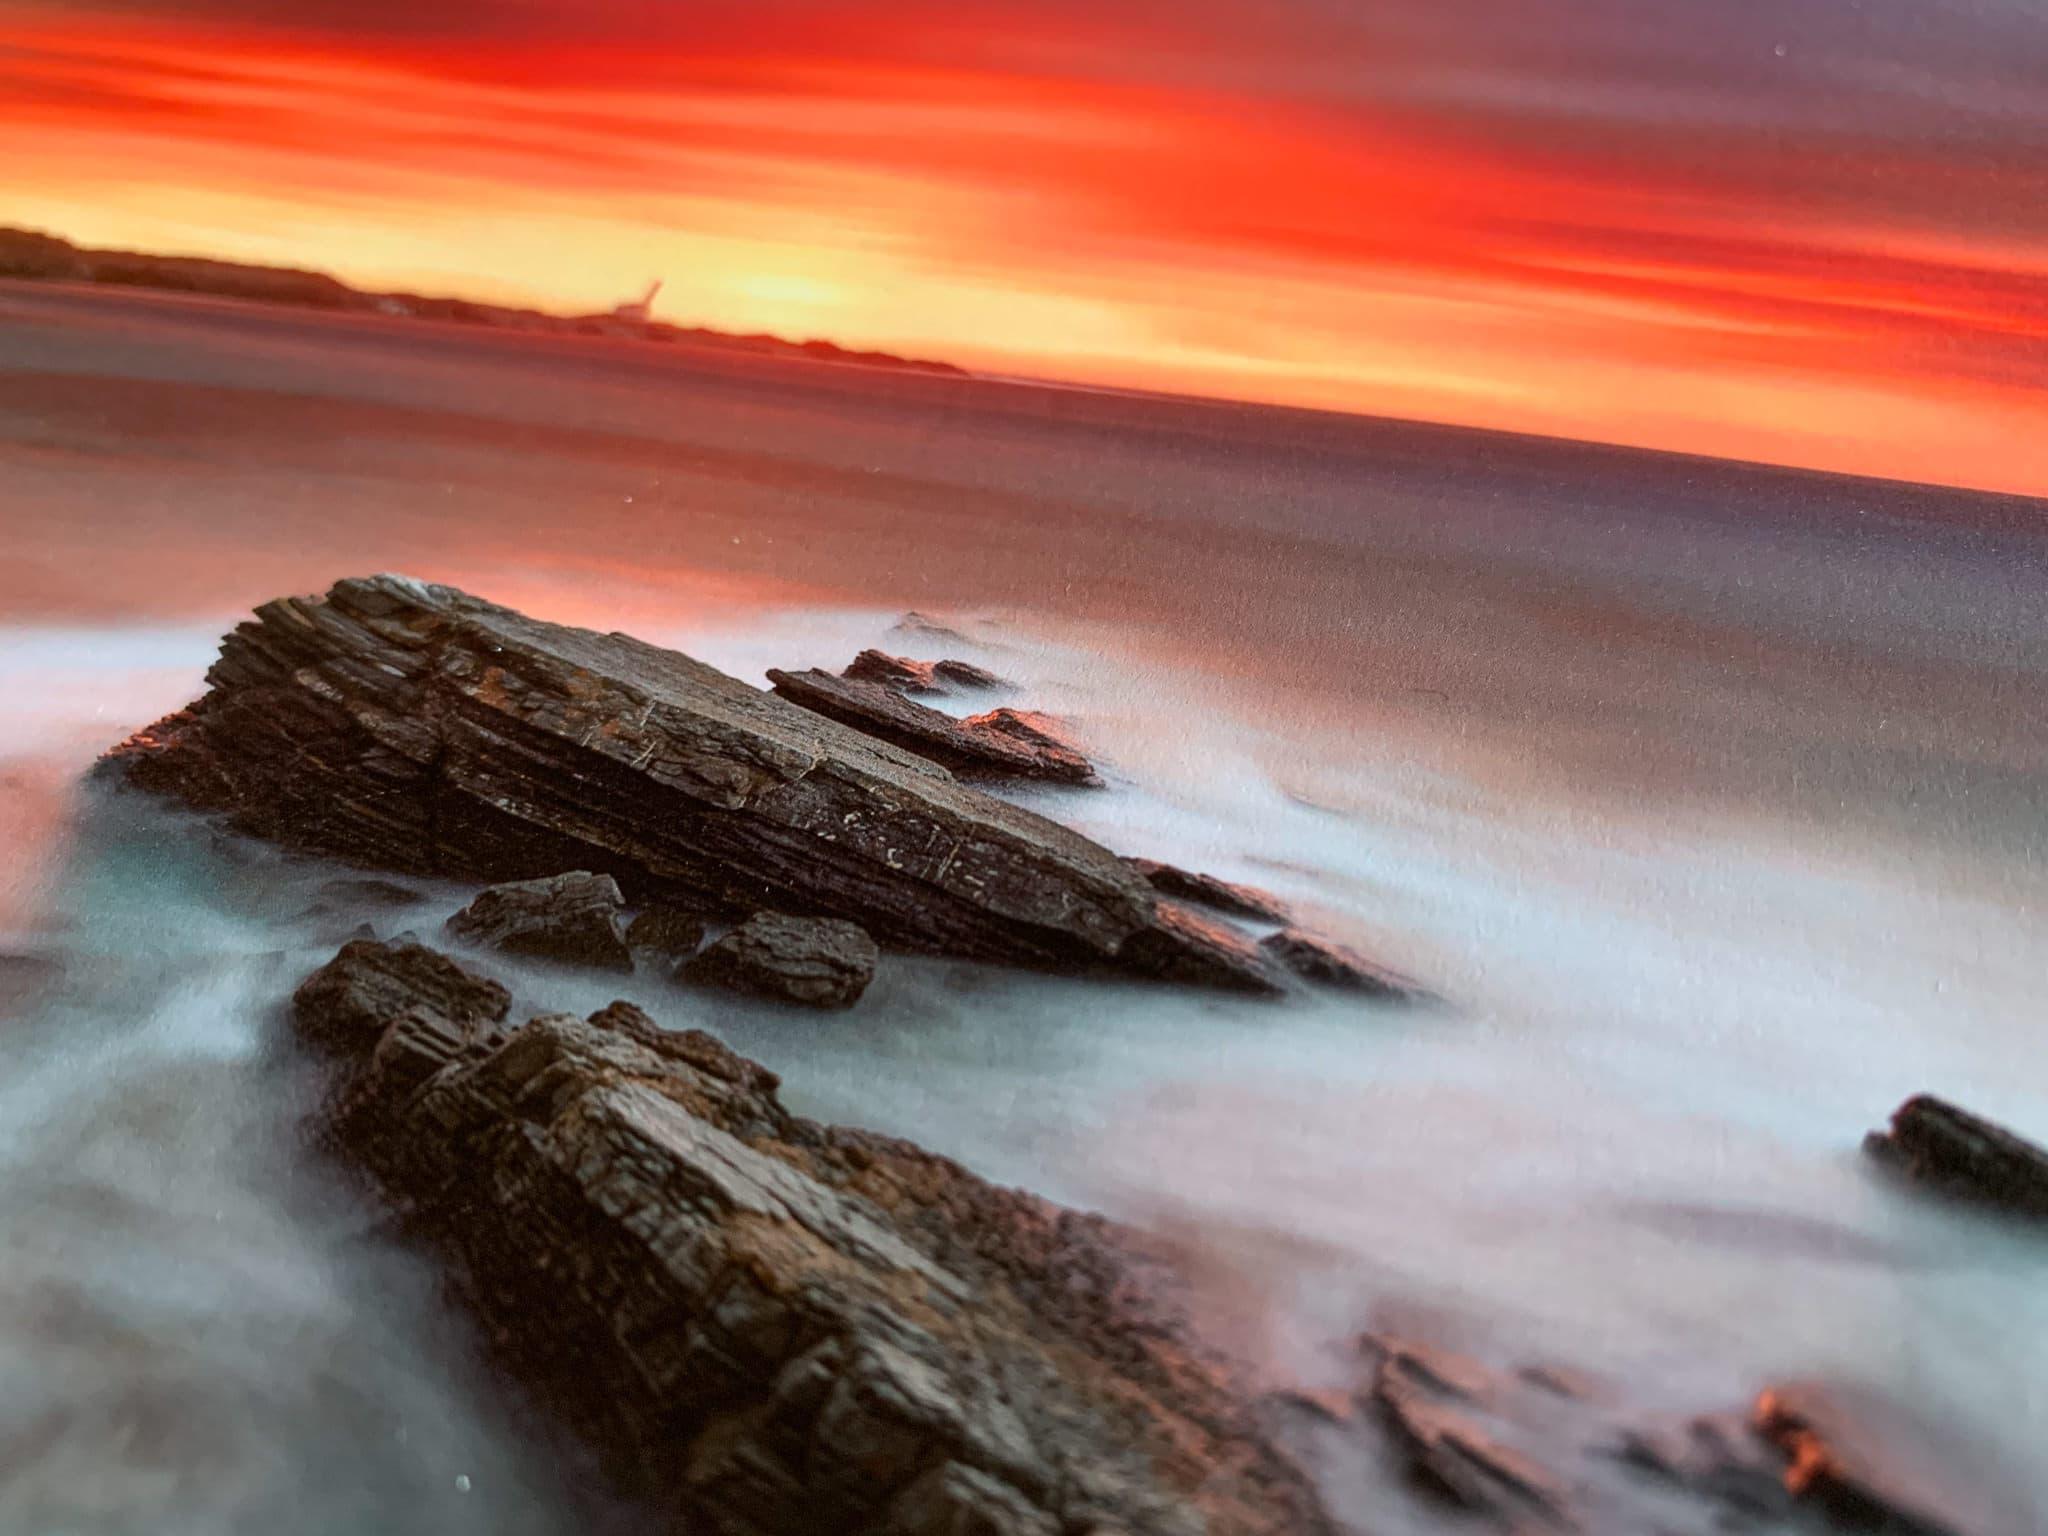 Francesco Gola Seascape Long Exposure Photography Review Best Fine Art Paper Hahnemuhle Hahnemühle 20